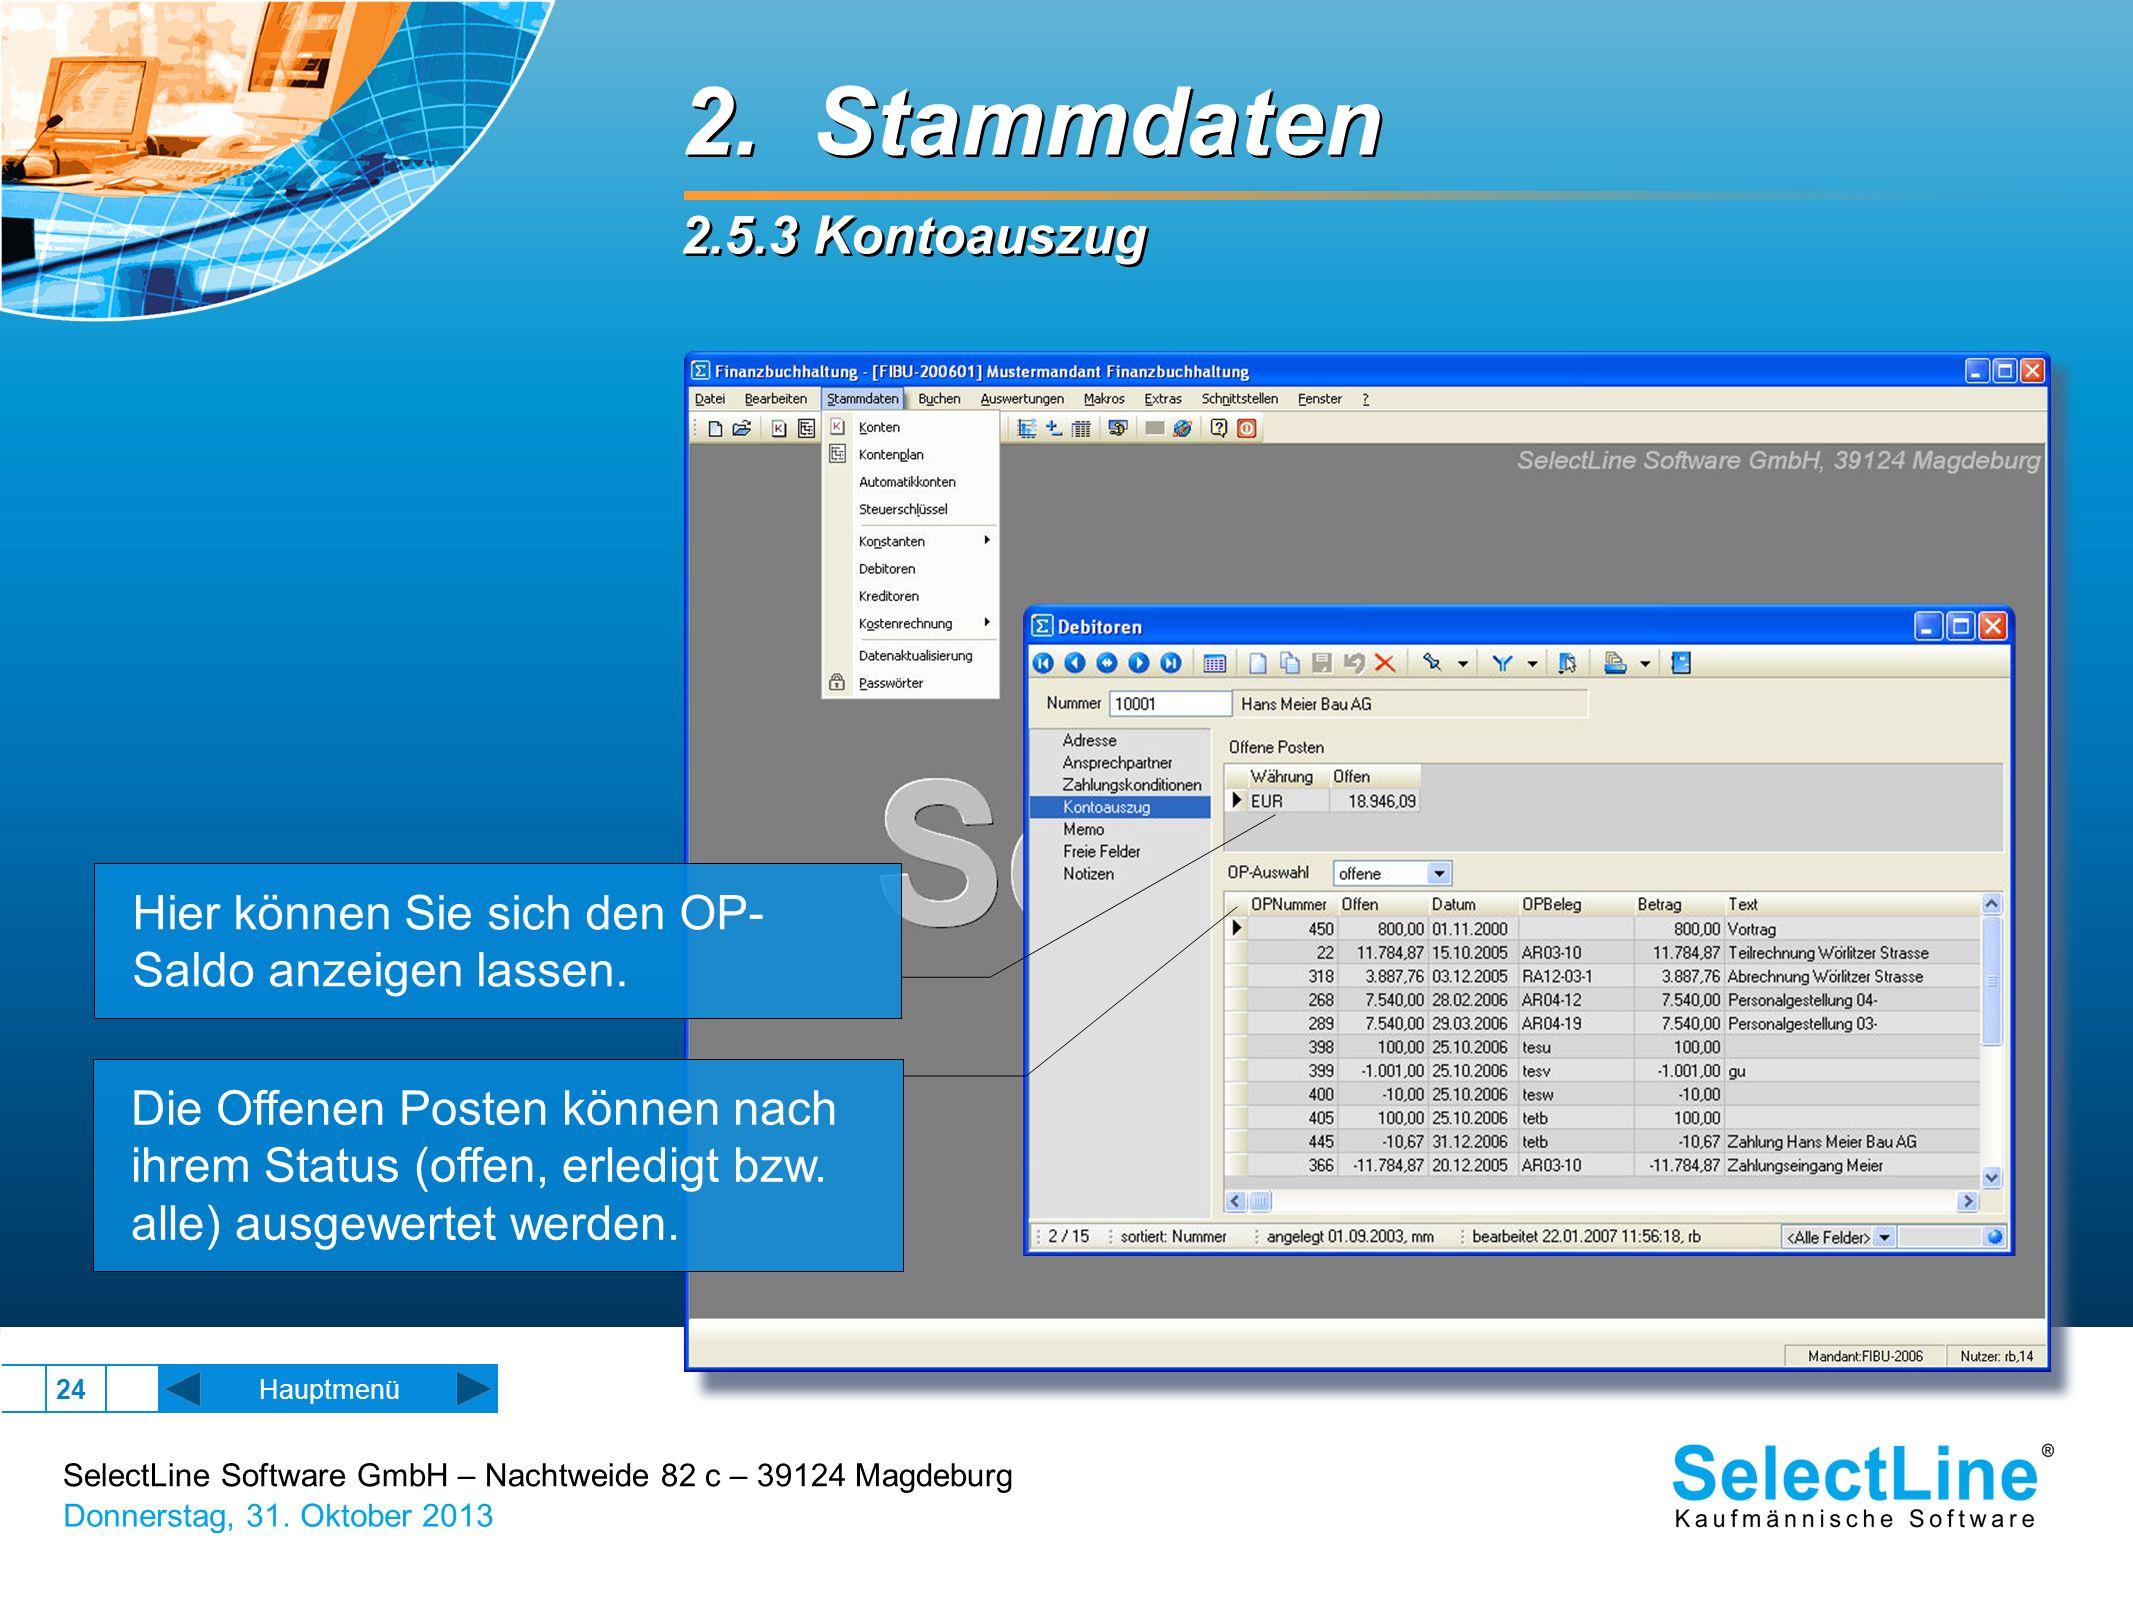 SelectLine Software GmbH – Nachtweide 82 c – 39124 Magdeburg Donnerstag, 31. Oktober 2013 24 2. Stammdaten 2.5.3 Kontoauszug 2. Stammdaten 2.5.3 Konto